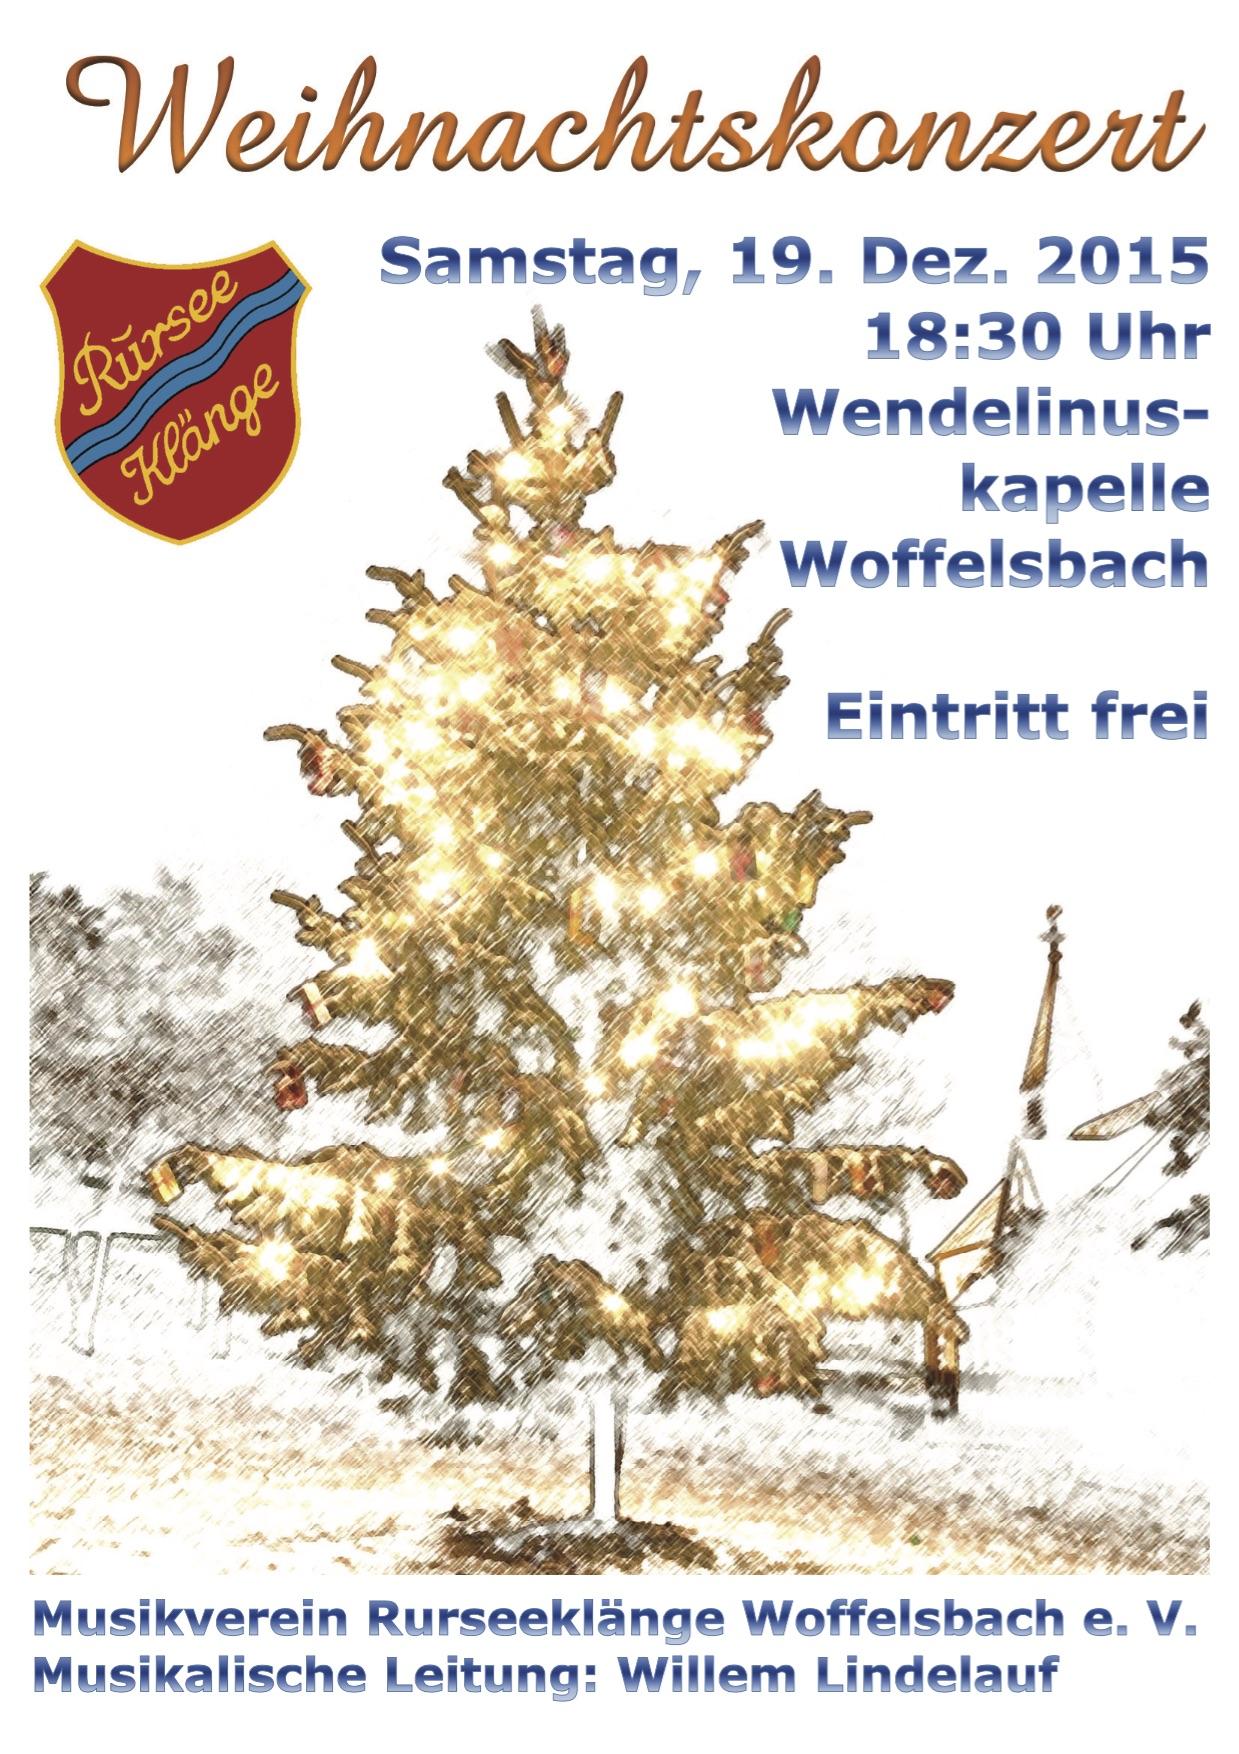 2015_12_11 Plakat_Weihnachtskonzert